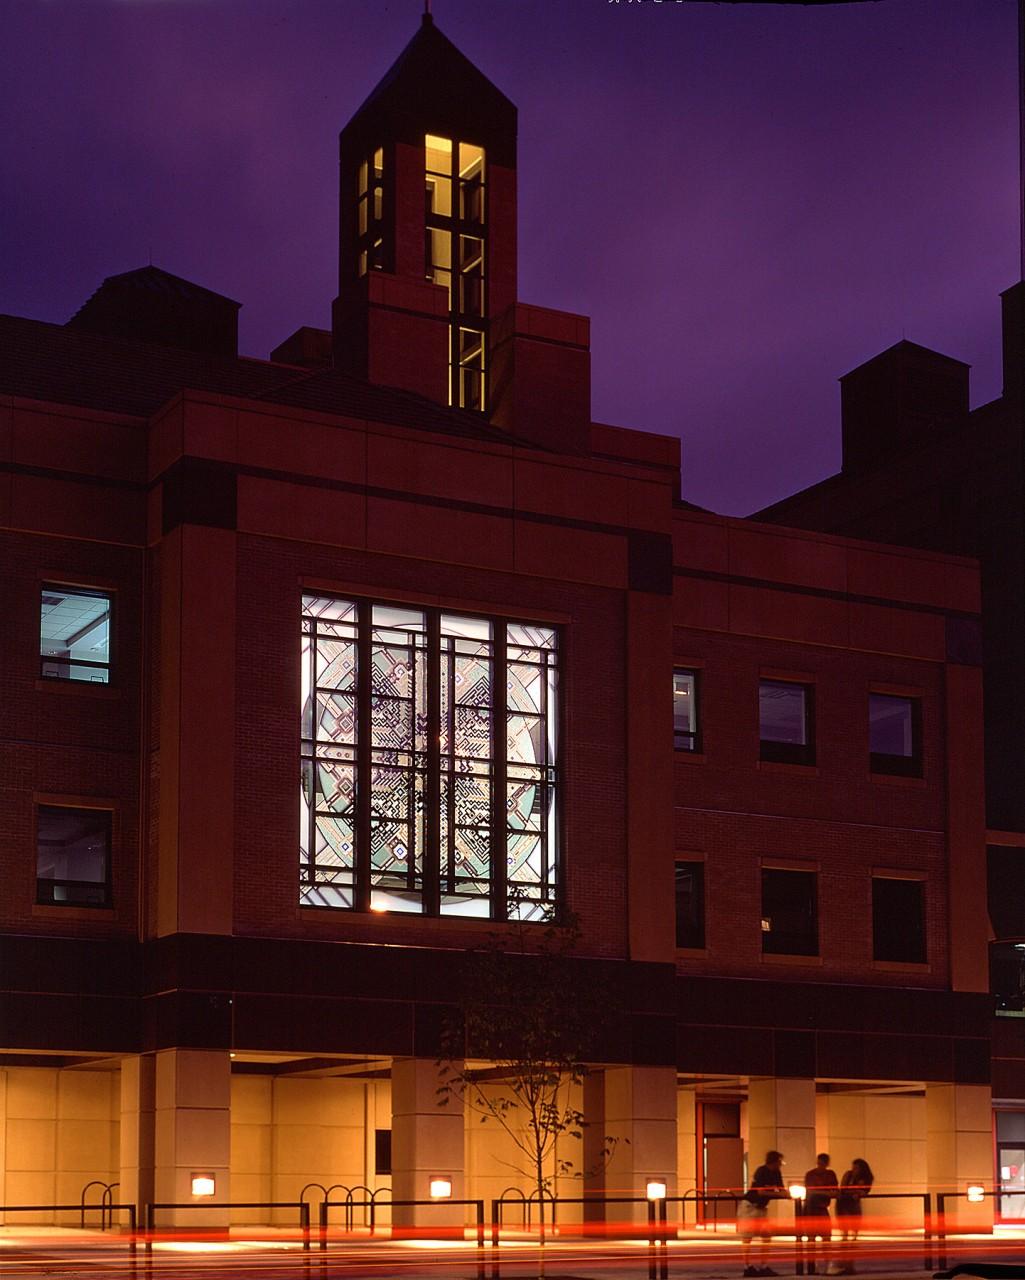 University of Wisconsin, Madison, Wisconson / image 3